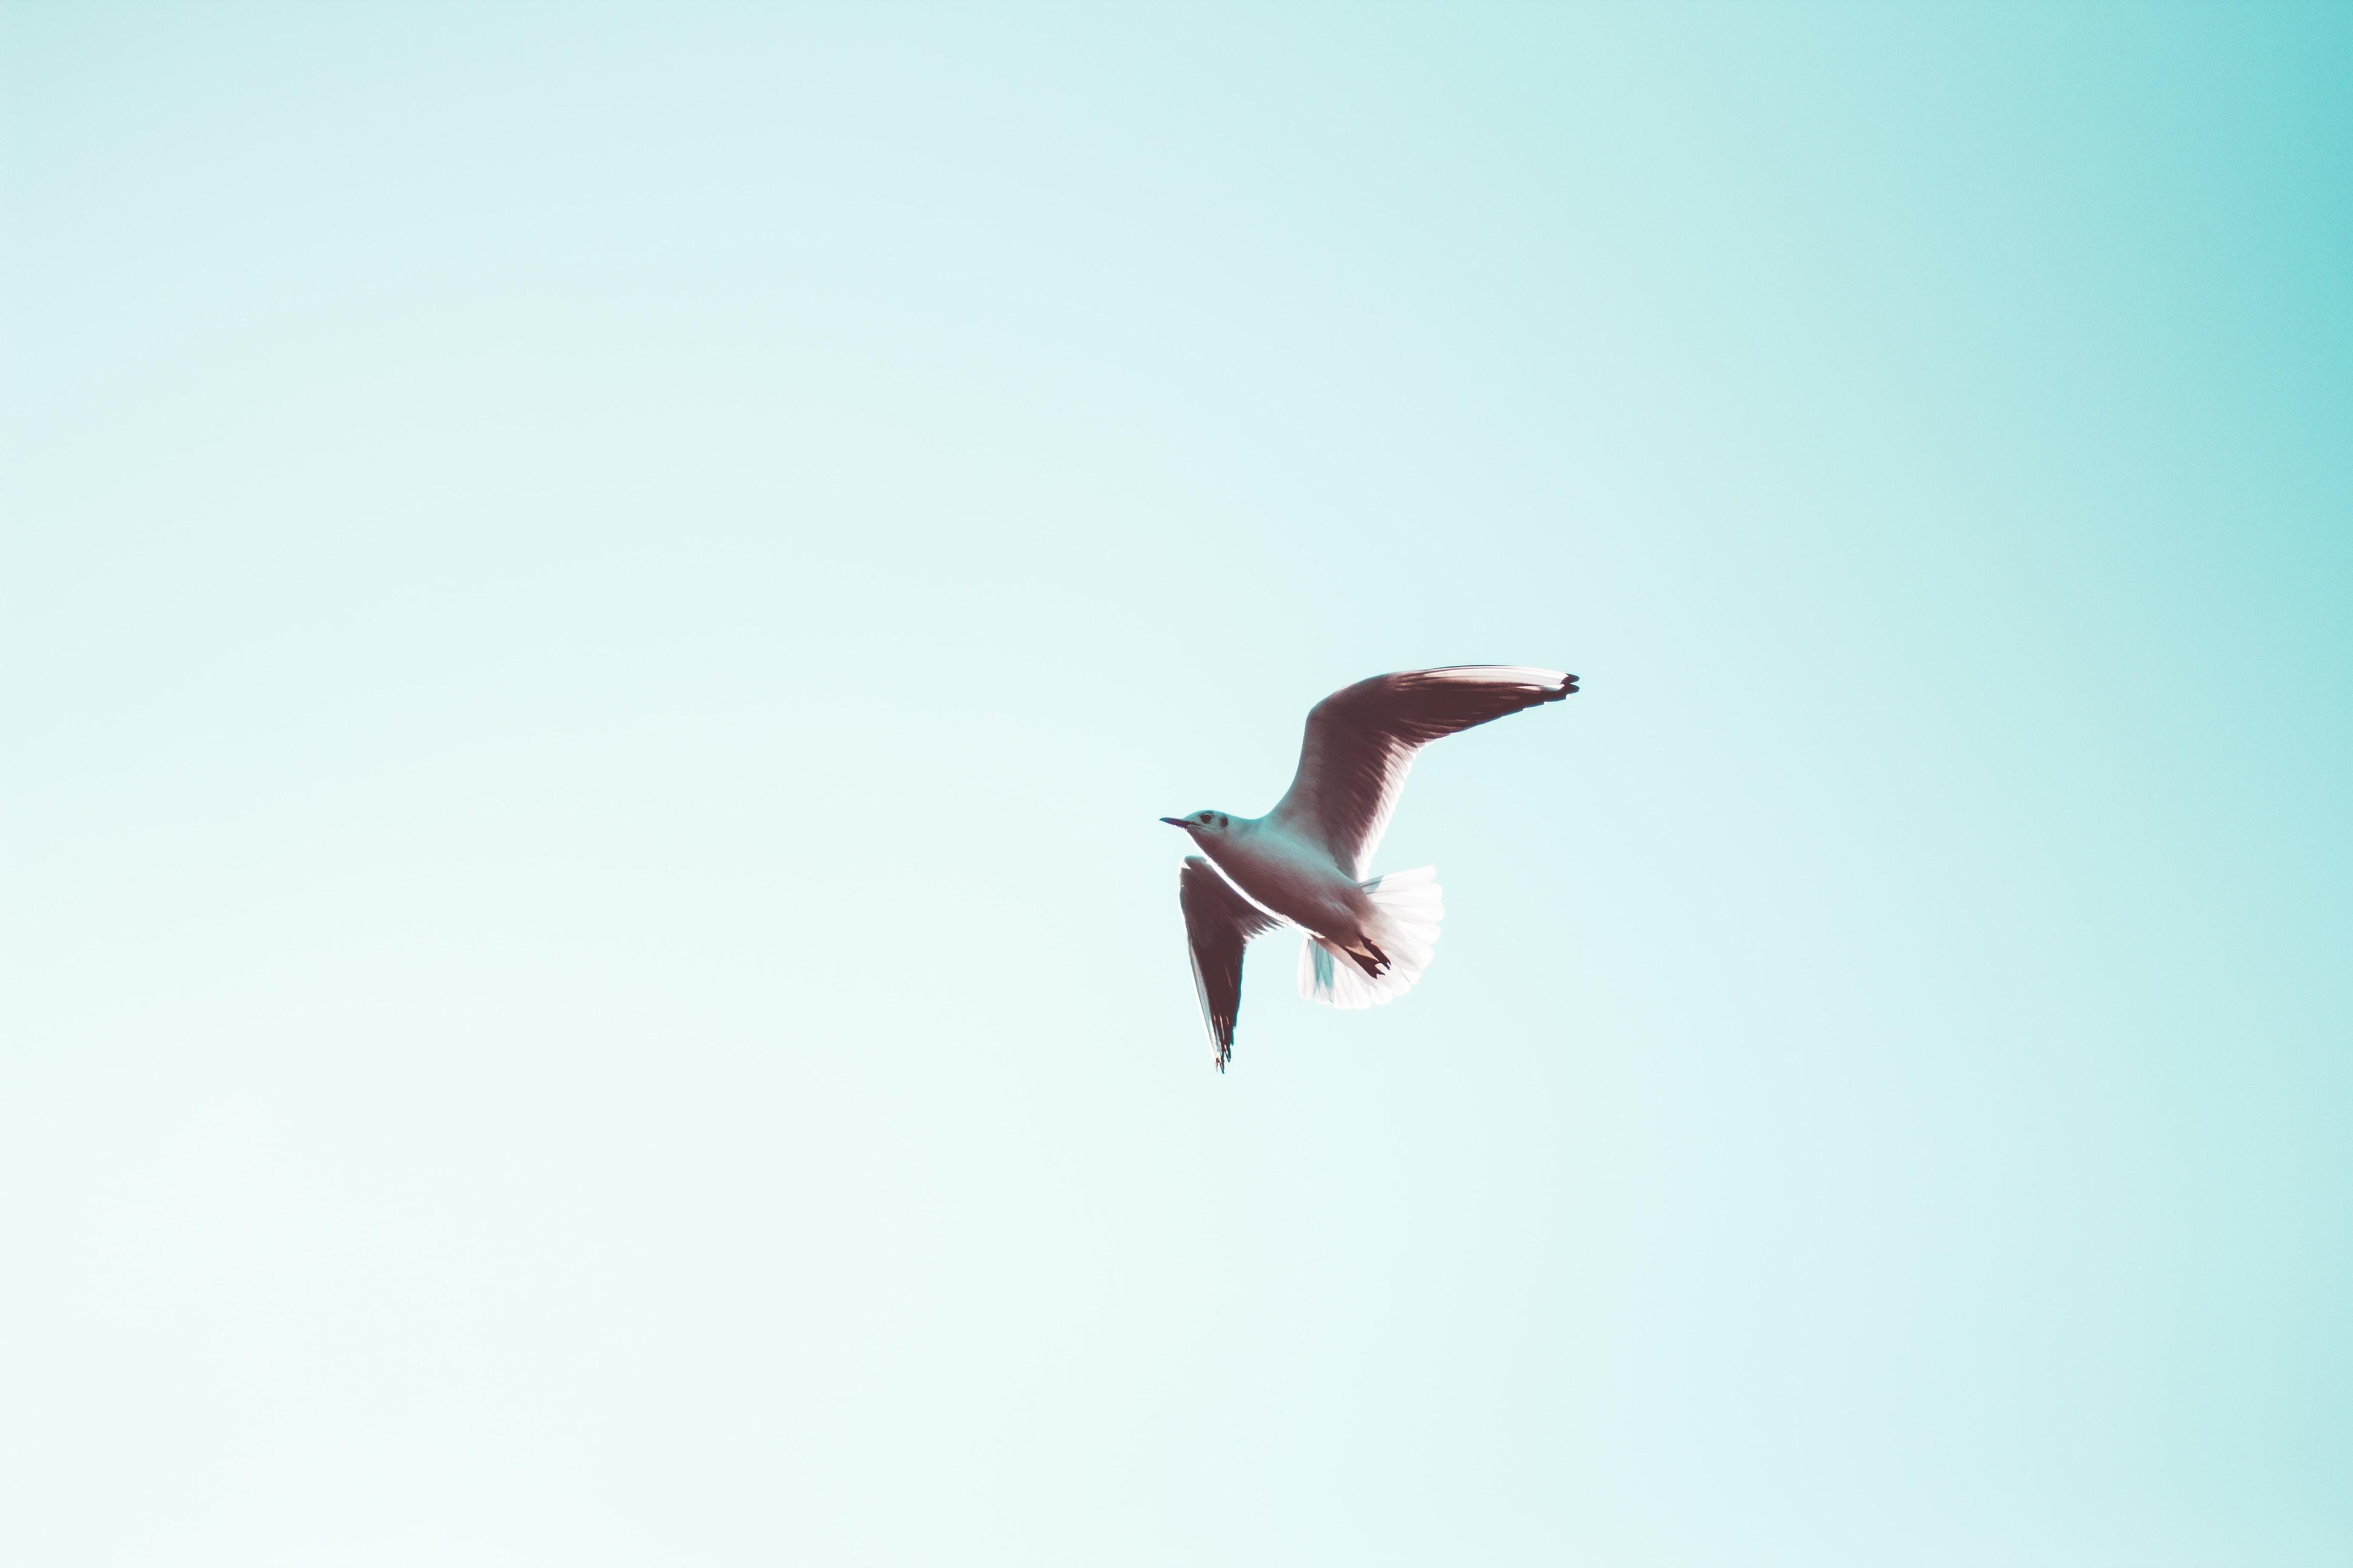 white seagull under blue sky